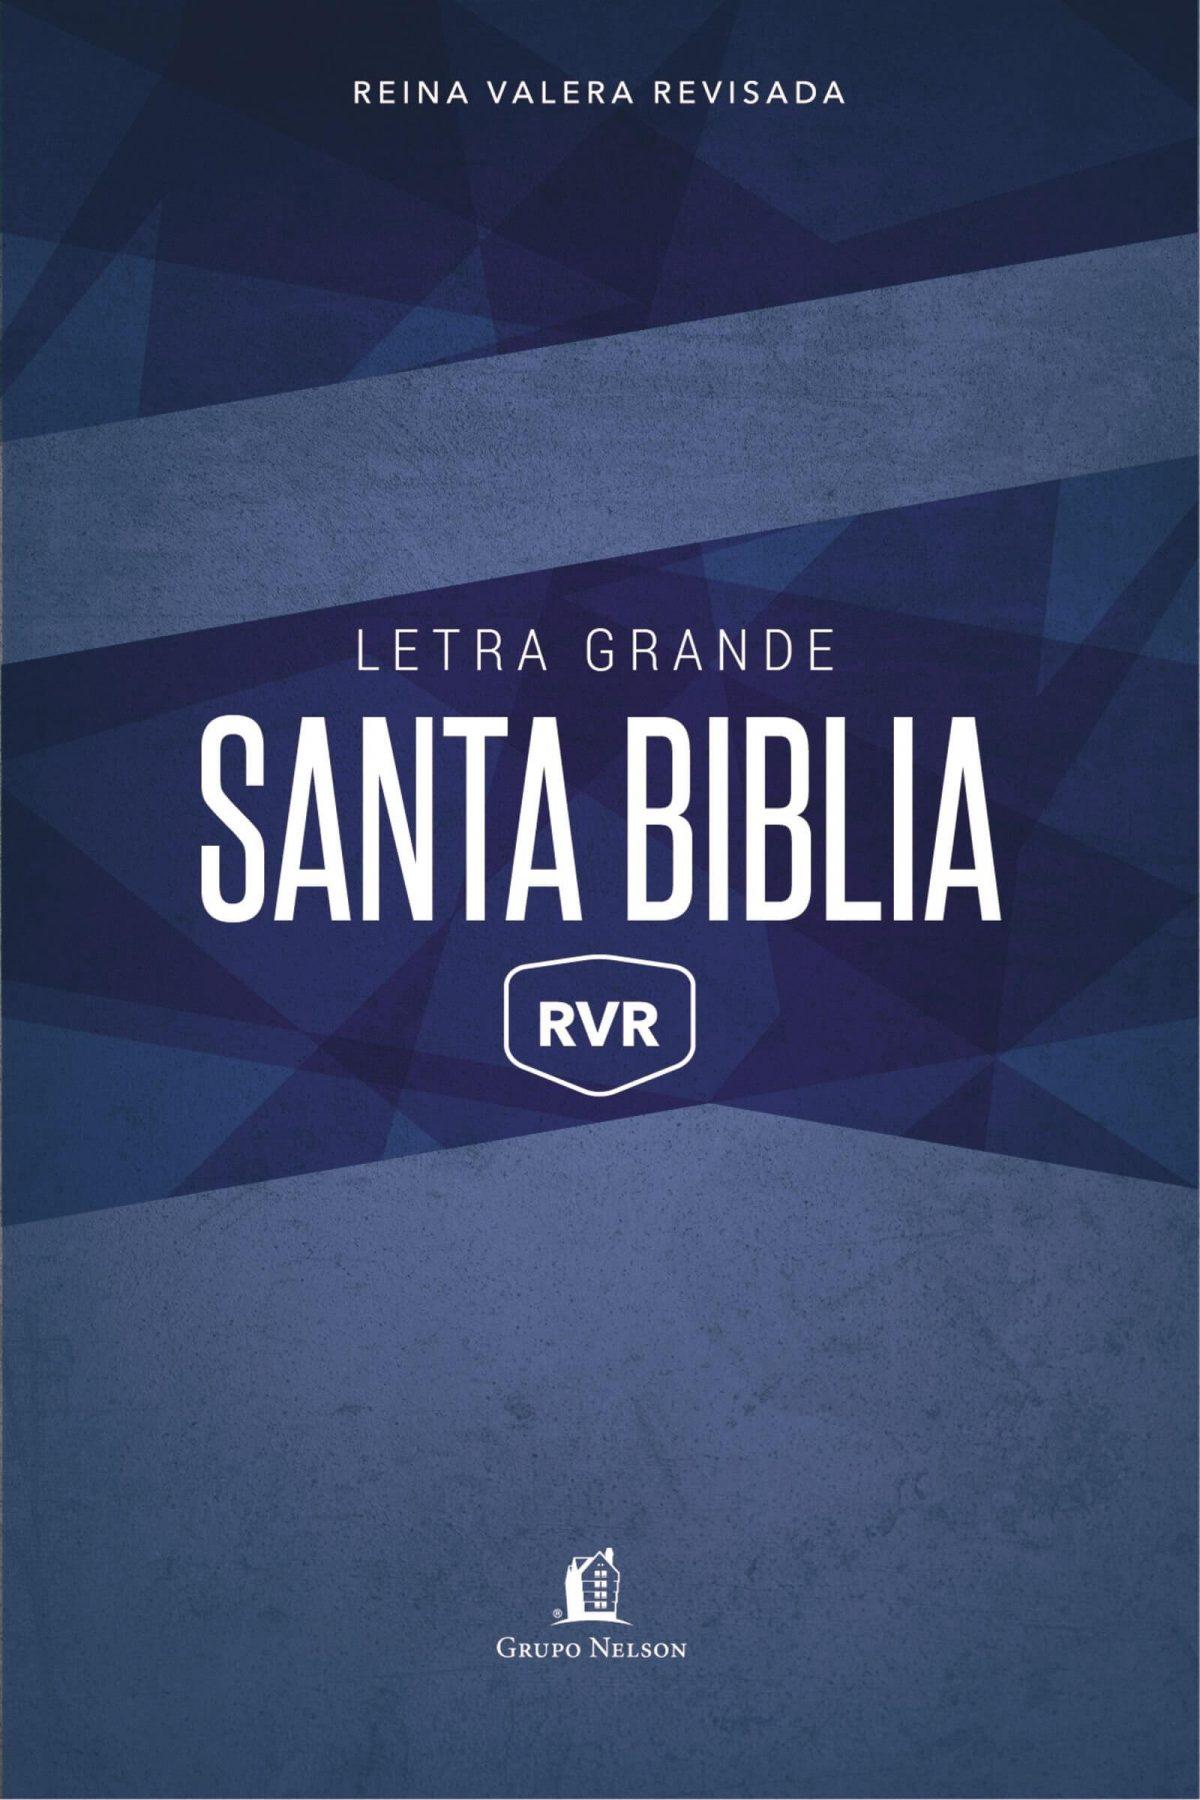 SANTA BIBLIA RVR LETRA GRANDE